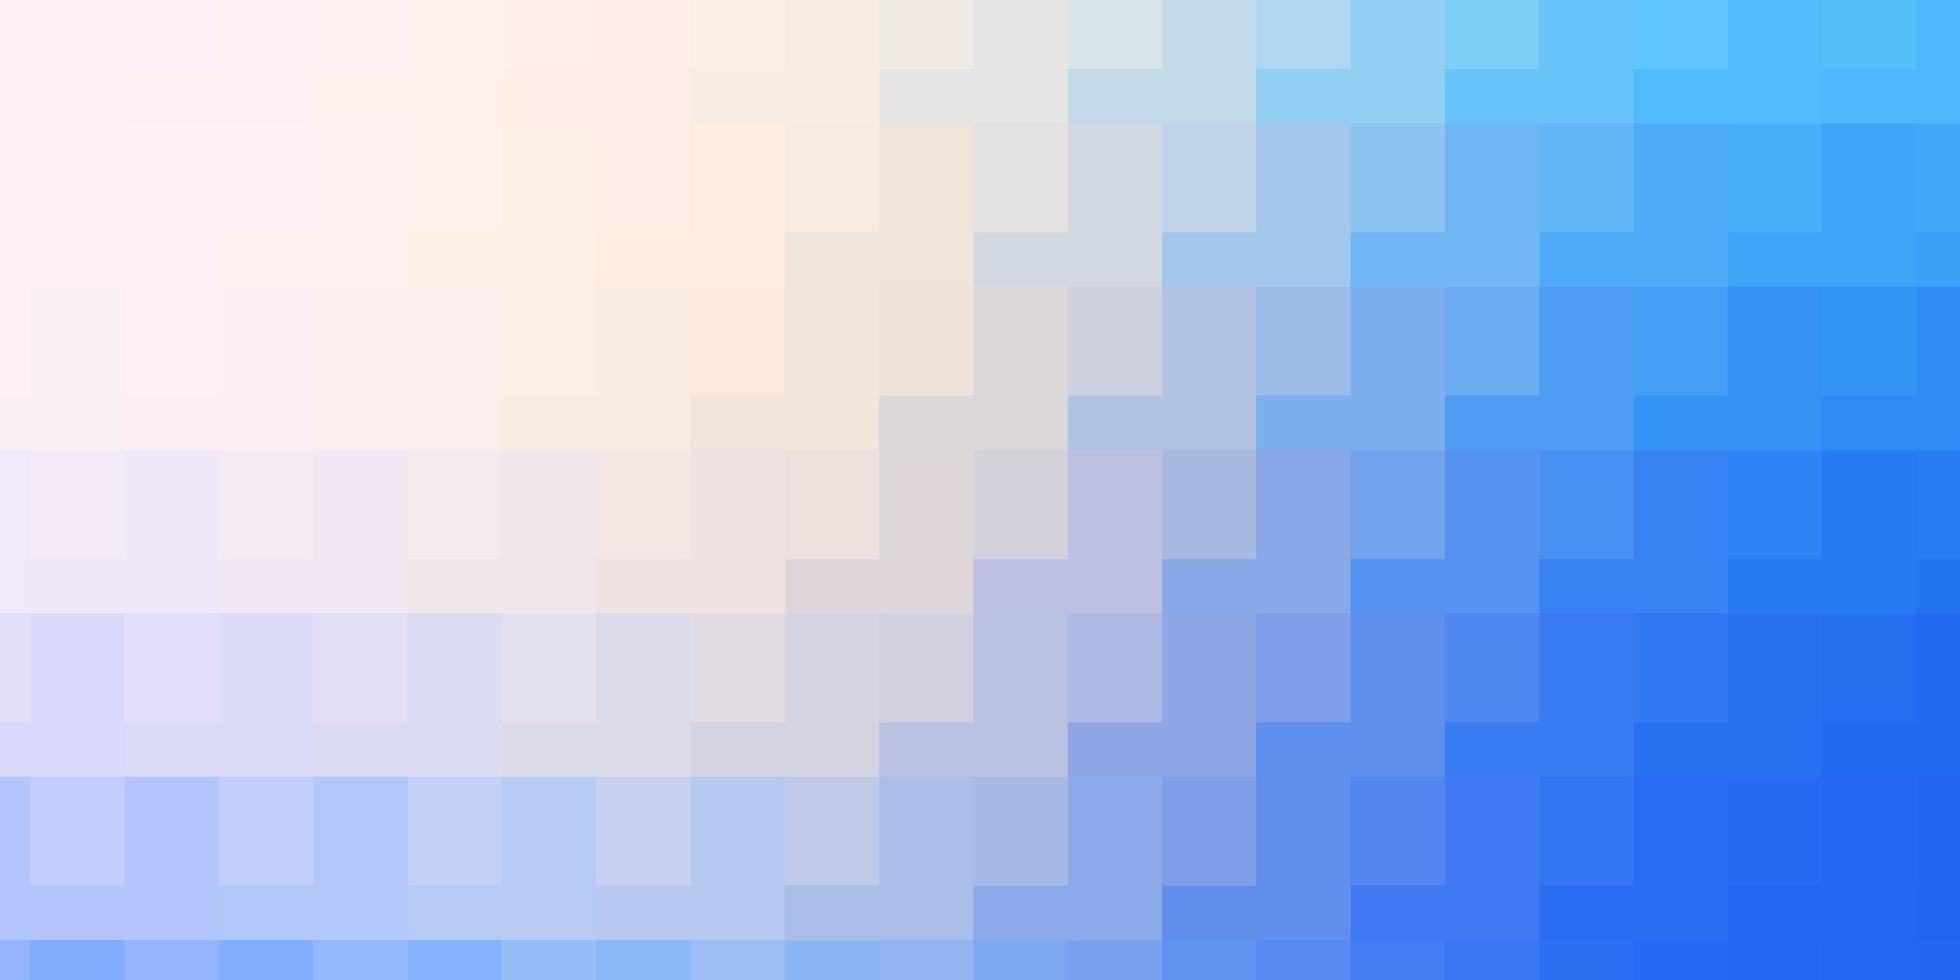 ljusrosa, blå vektormall med rektanglar. vektor